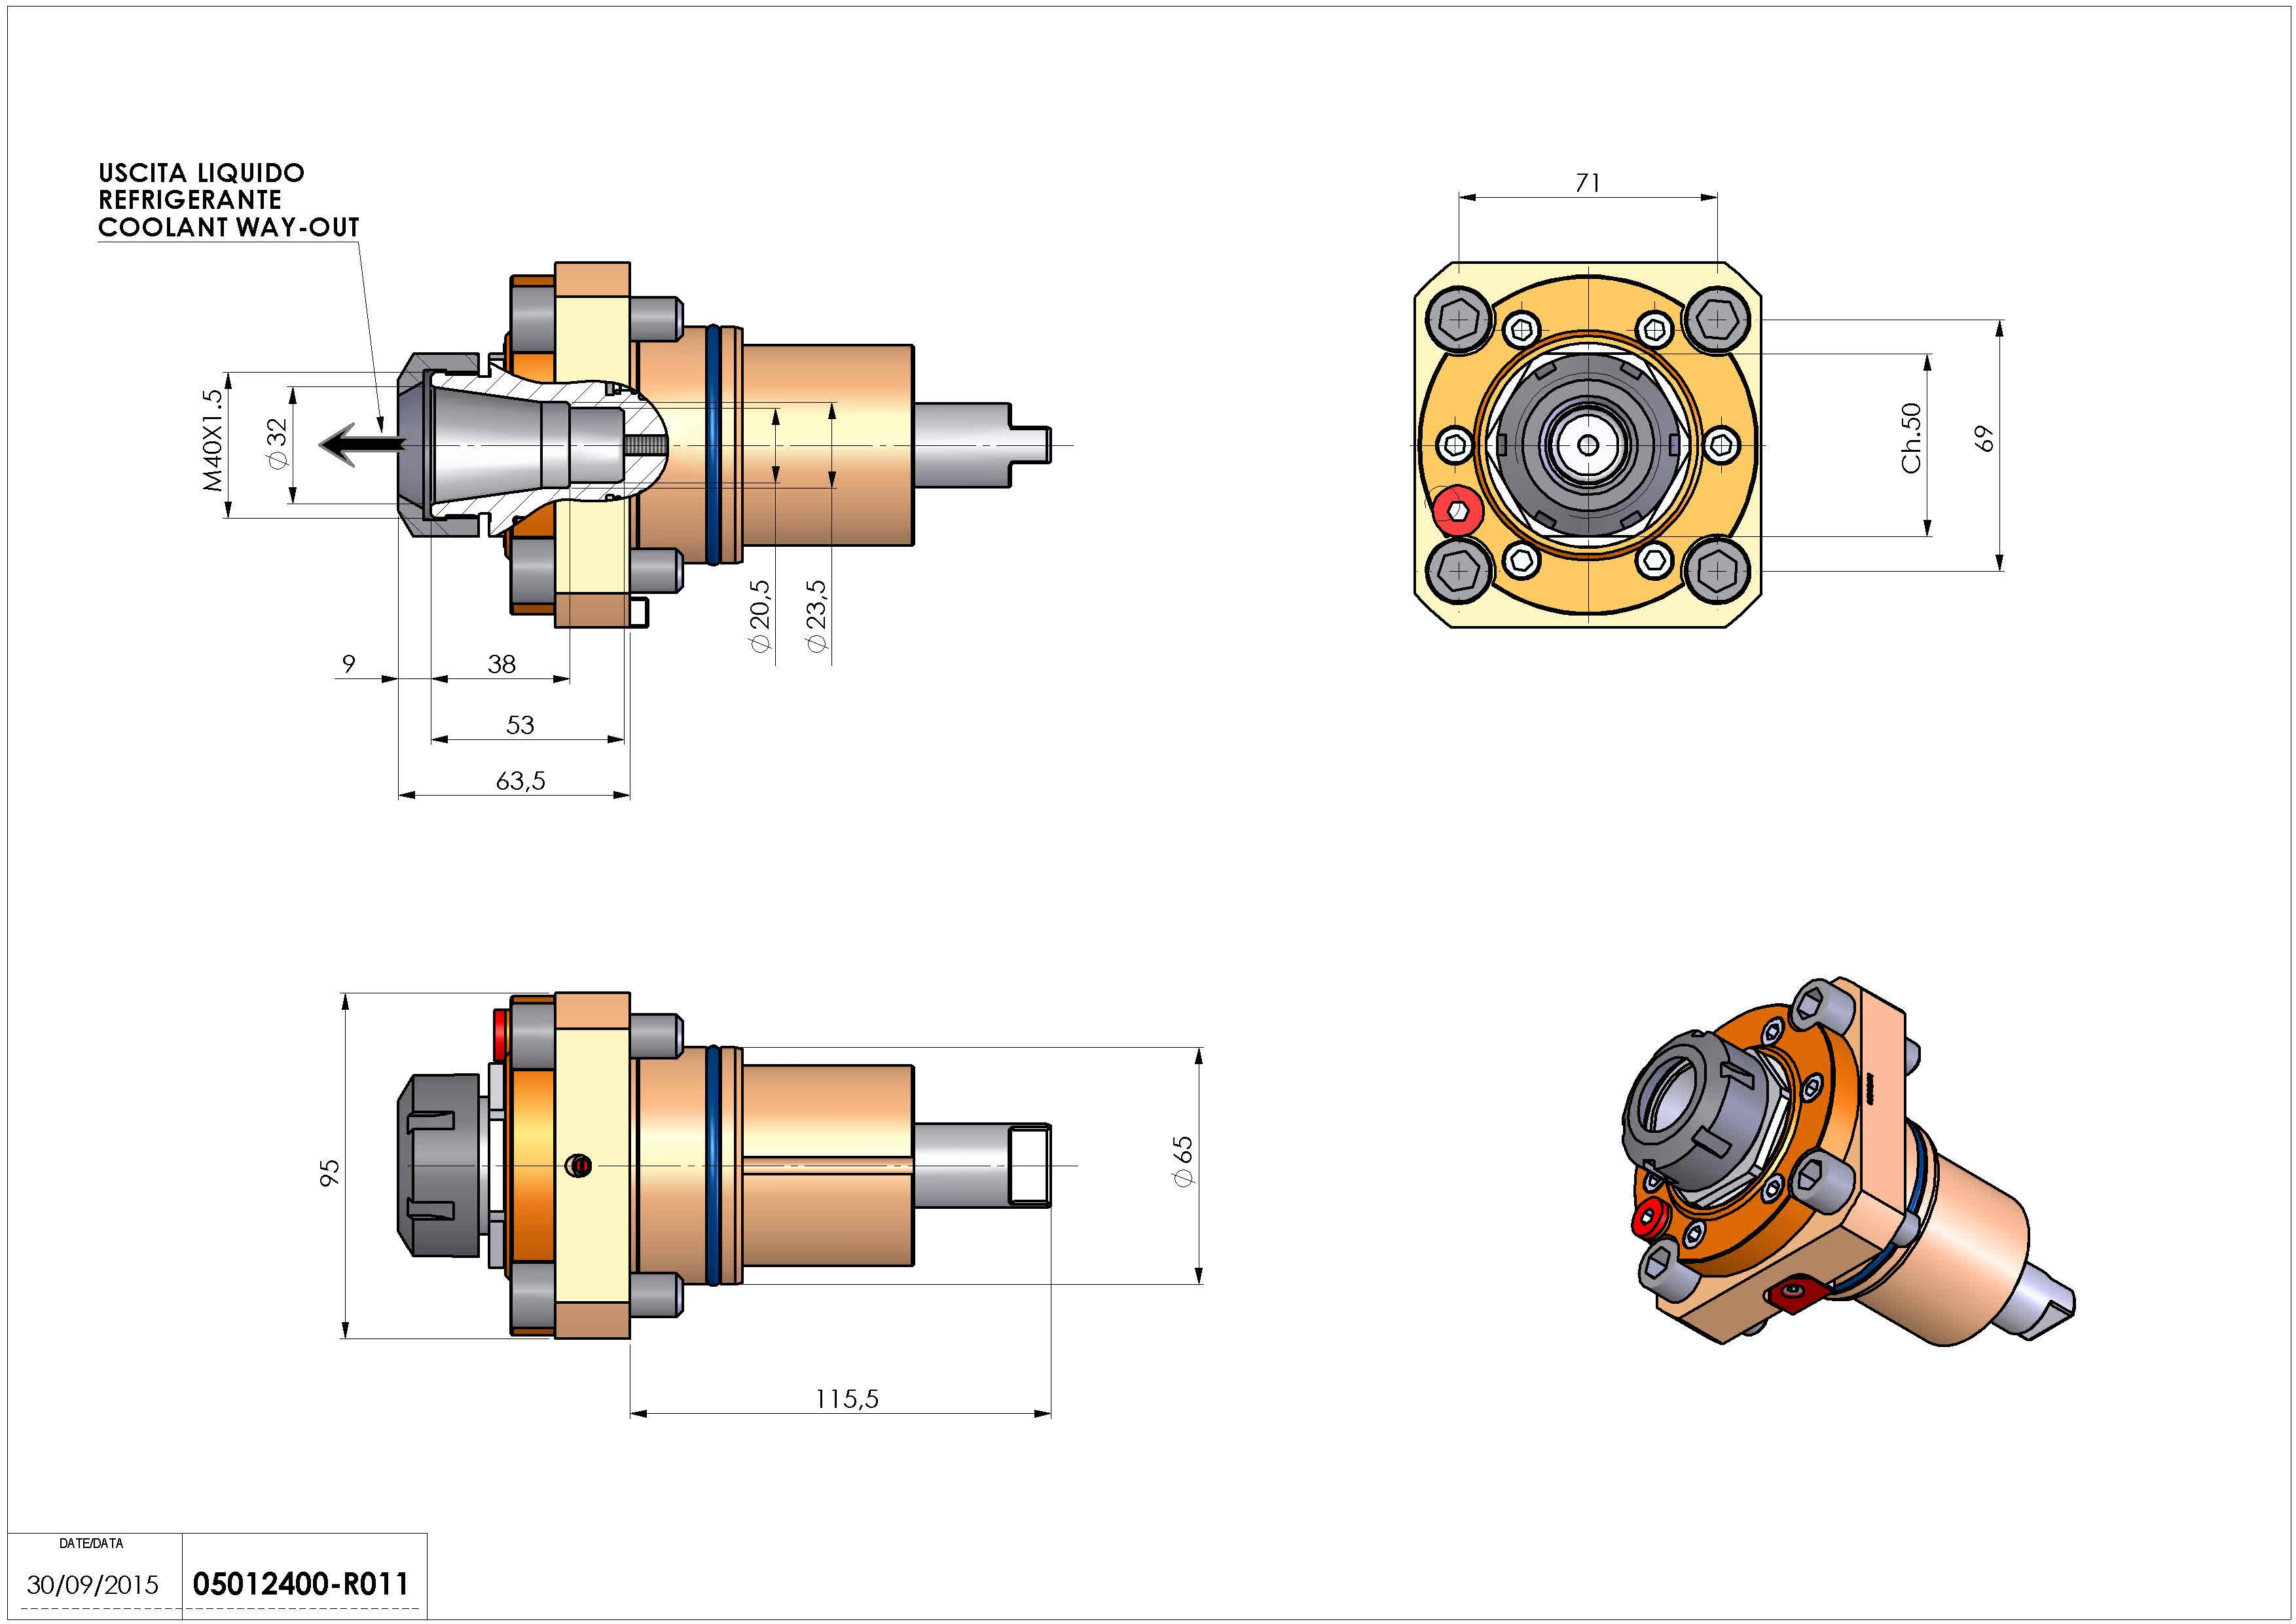 Technical image - LT-S D65 ER32 RF H63.5 NK.